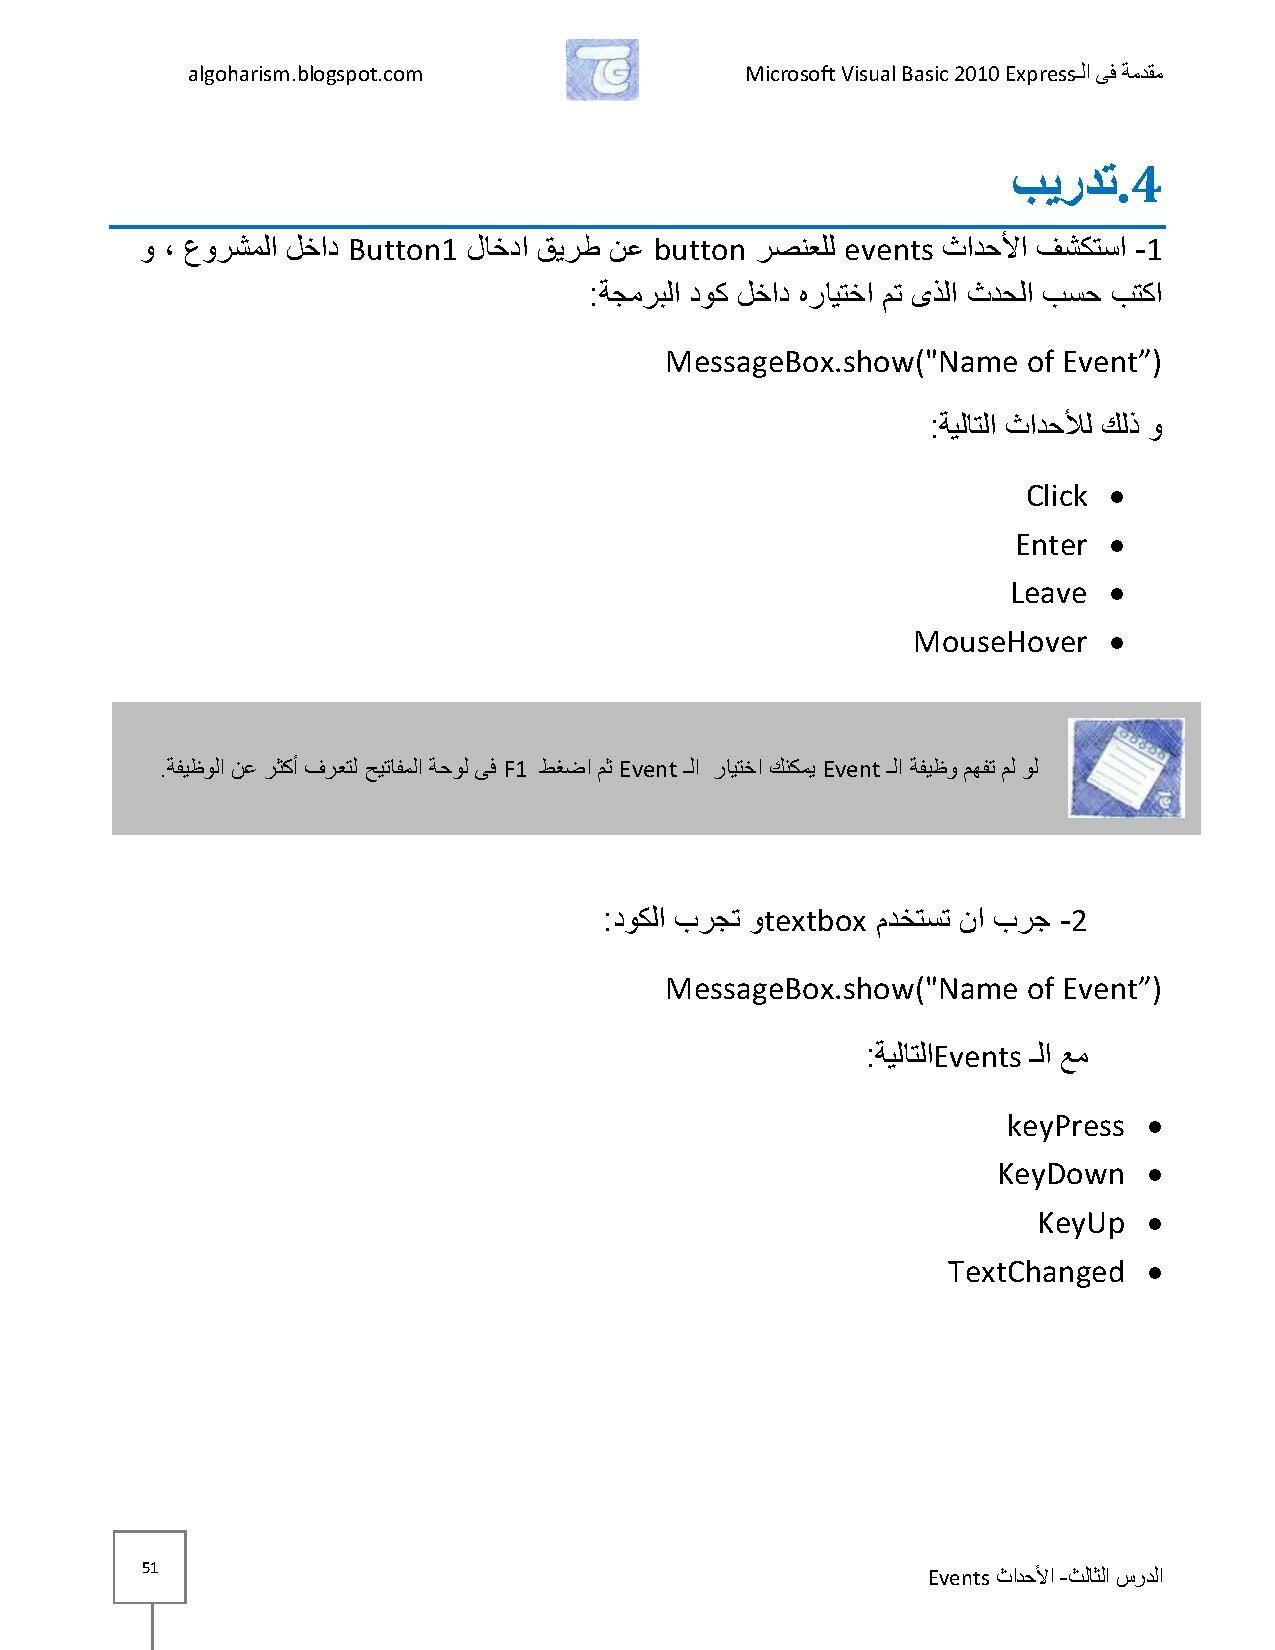 ملف:دليل الفيجوال بيسك للمبتدئين جدا pdf - ويكي الكتب